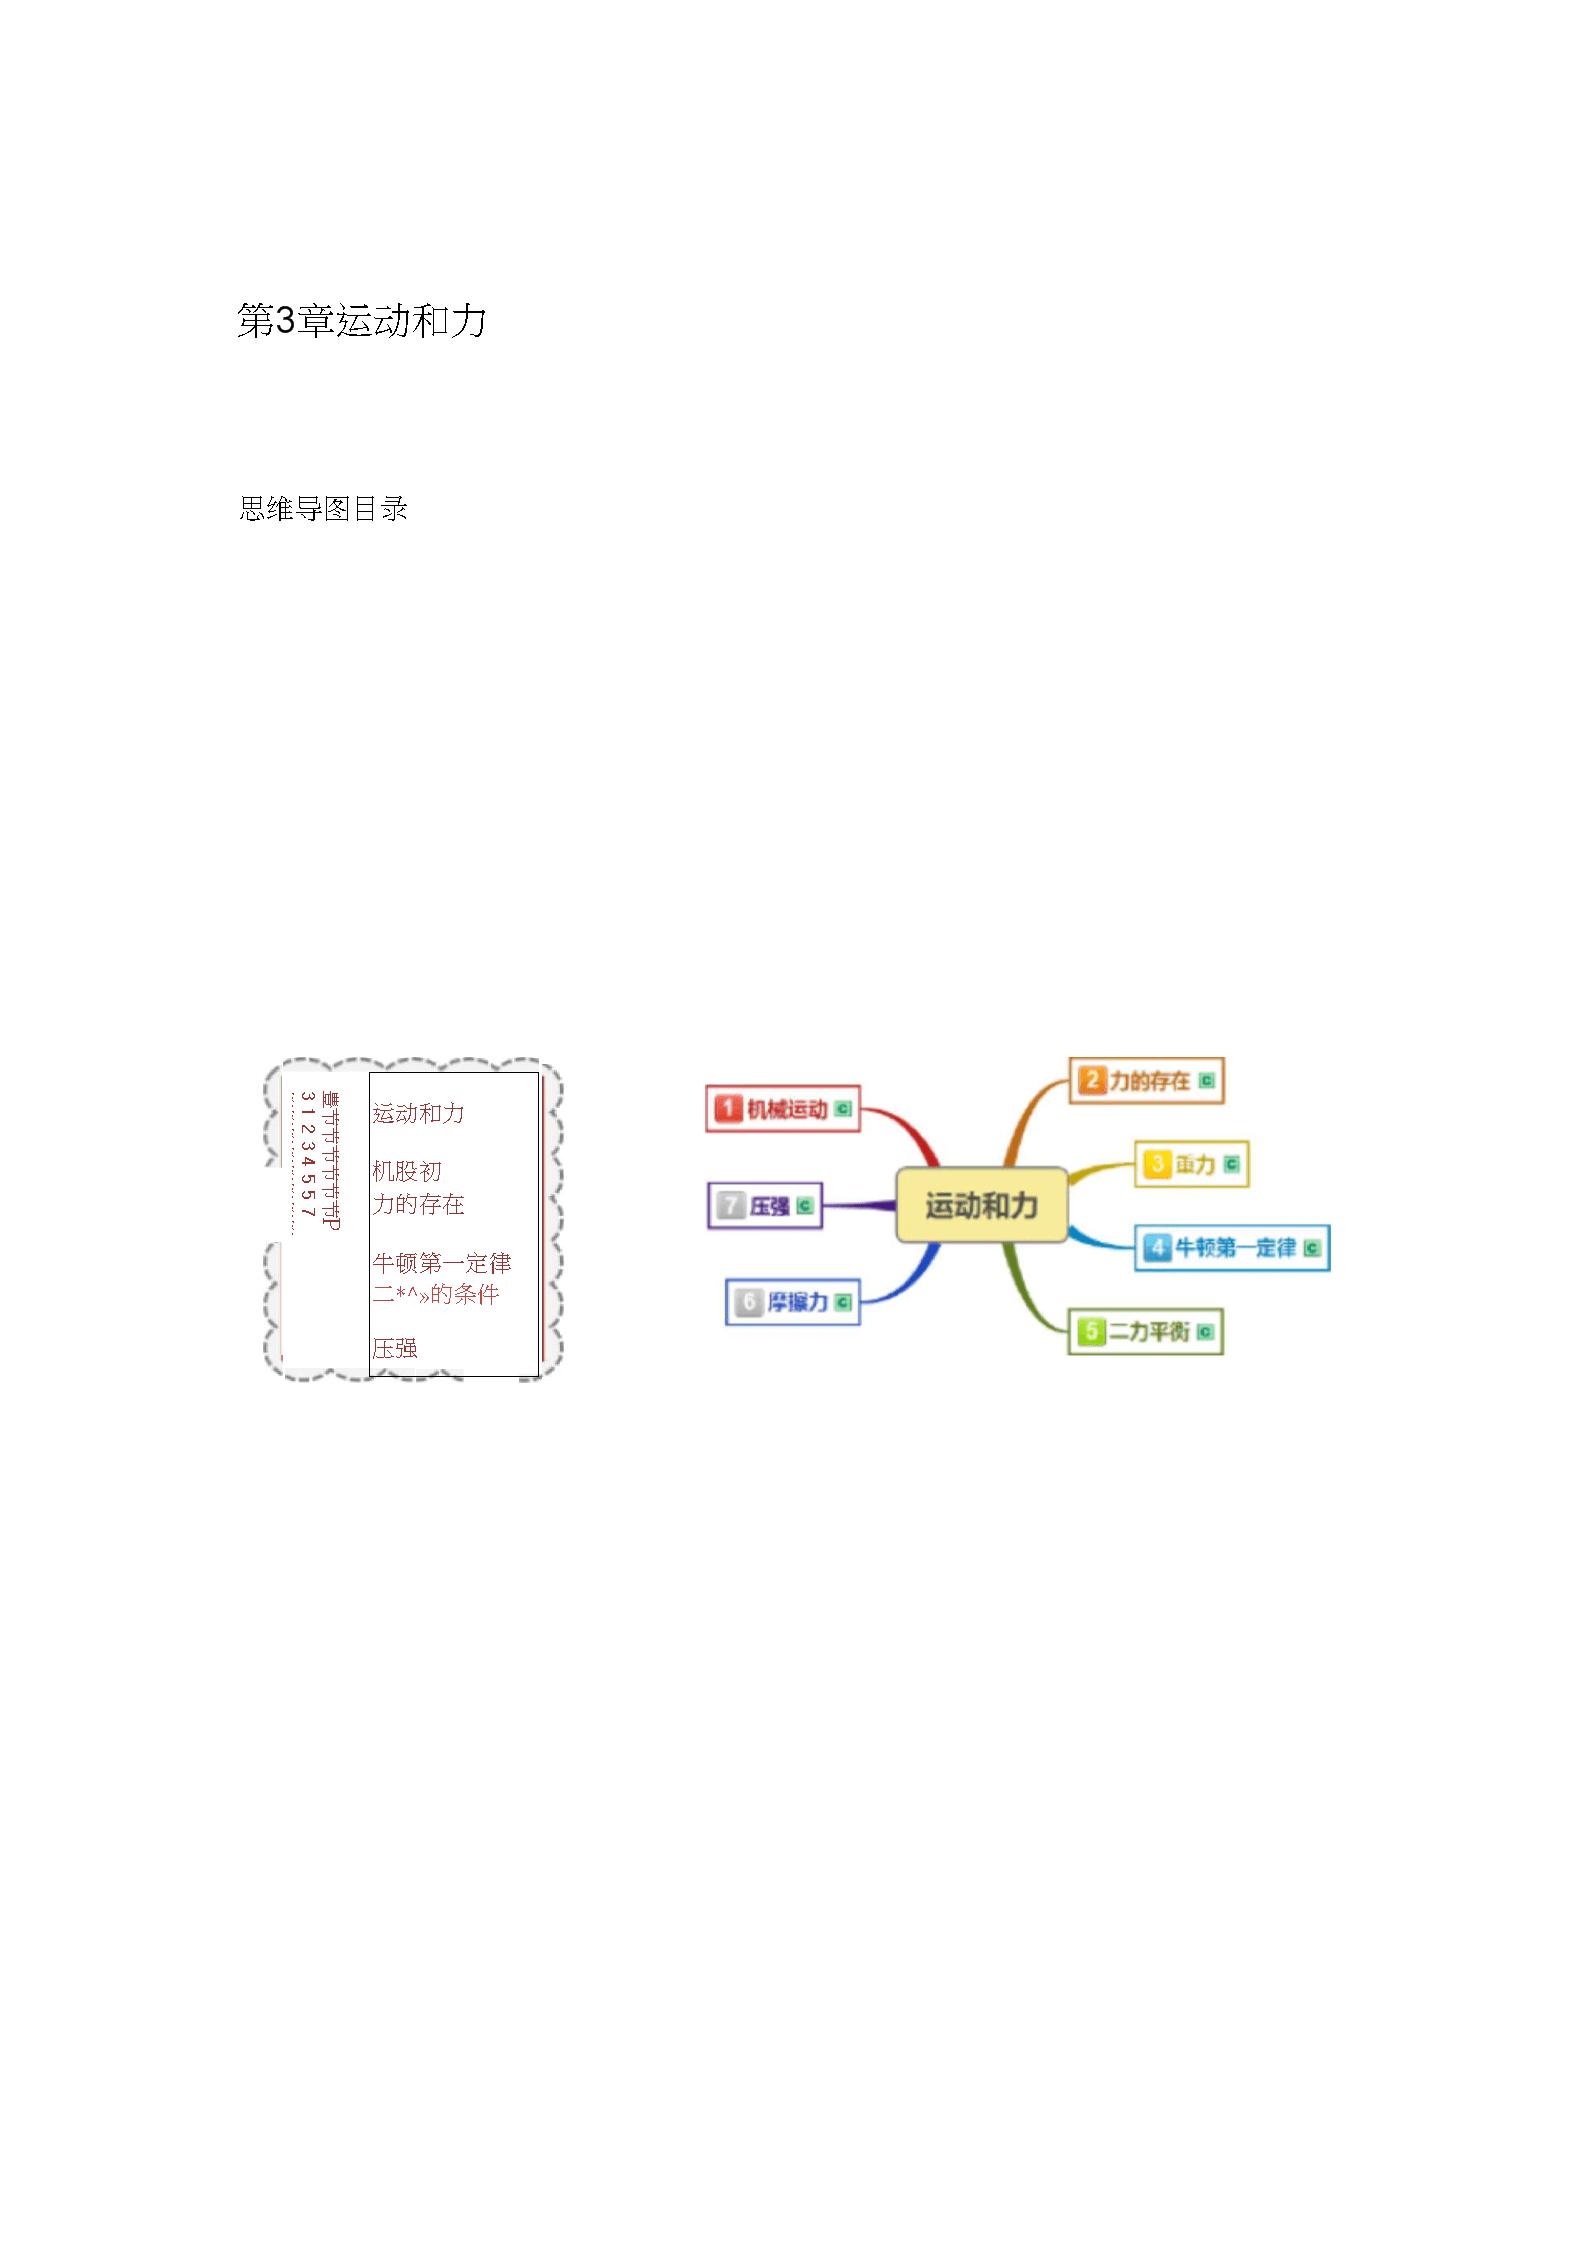 浙教版科学七年级下册运动和力整章思维导图.docx